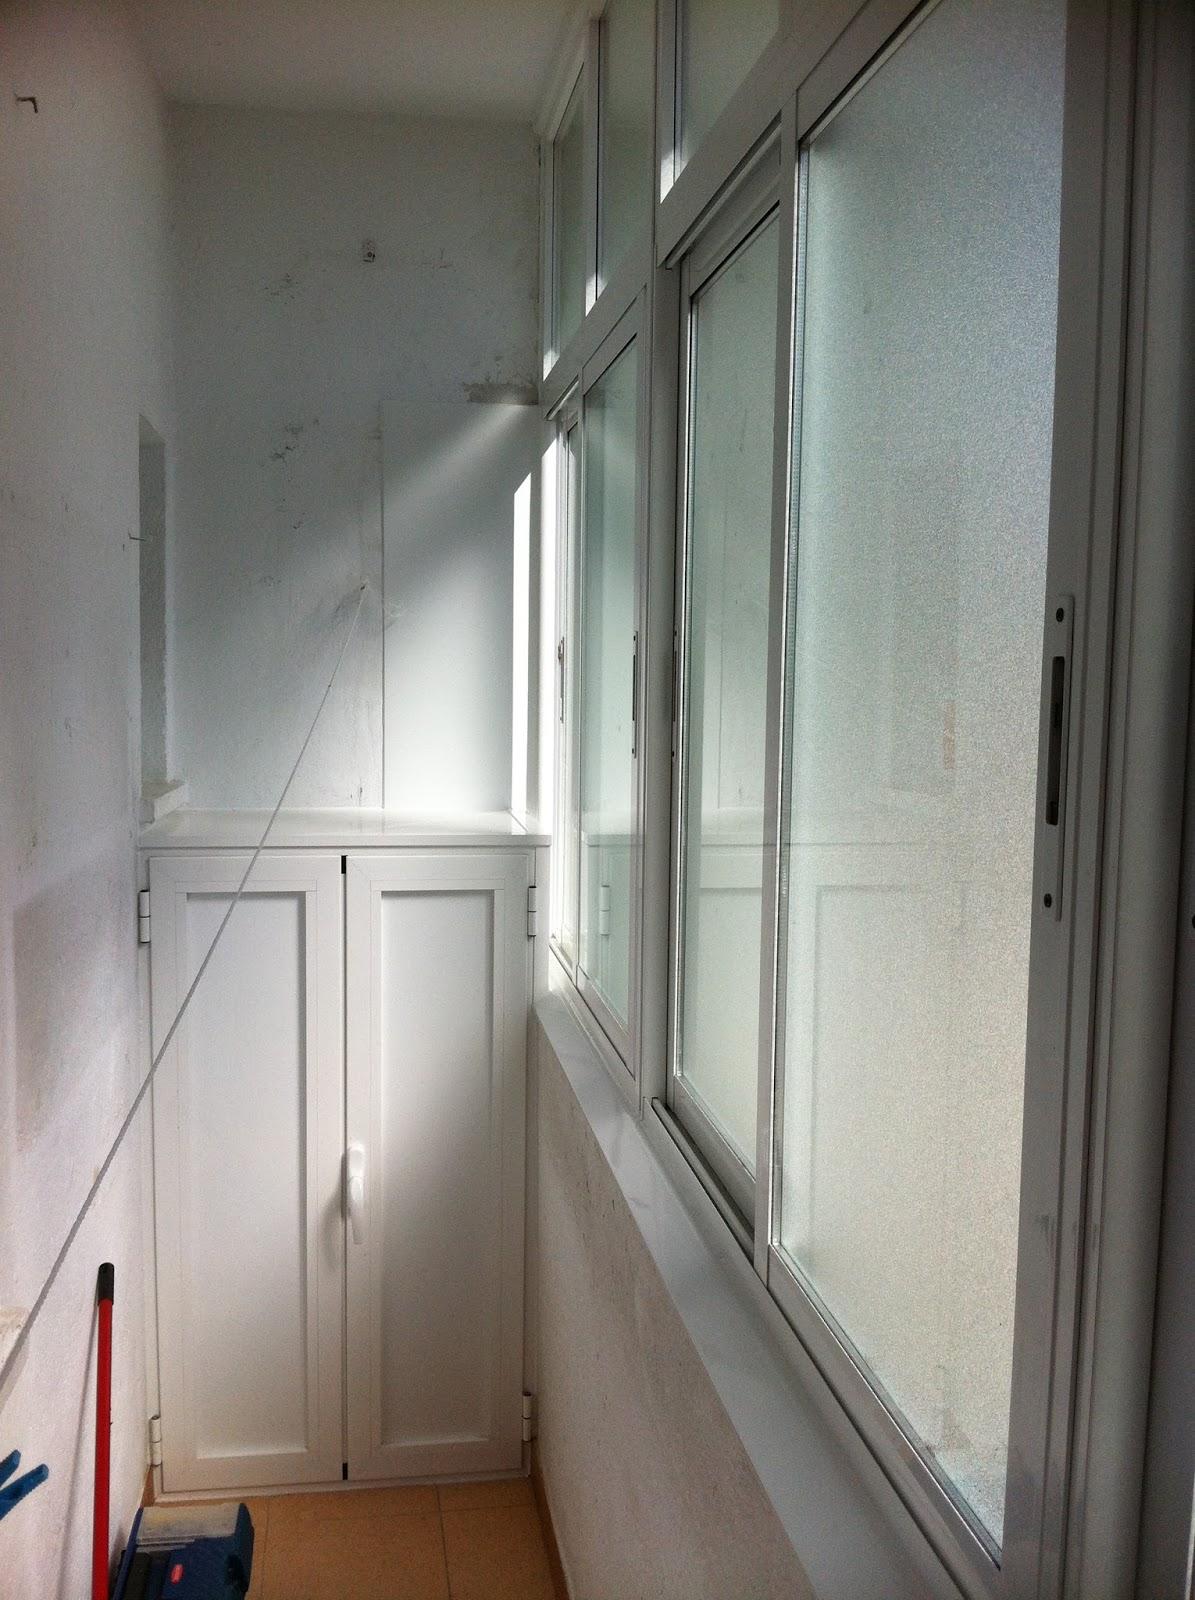 Como Aislar Ventanas Correderas Del Frio Simple Cmo Sellar Vidrio  ~ Aislar Ventanas De Aluminio Del Frio